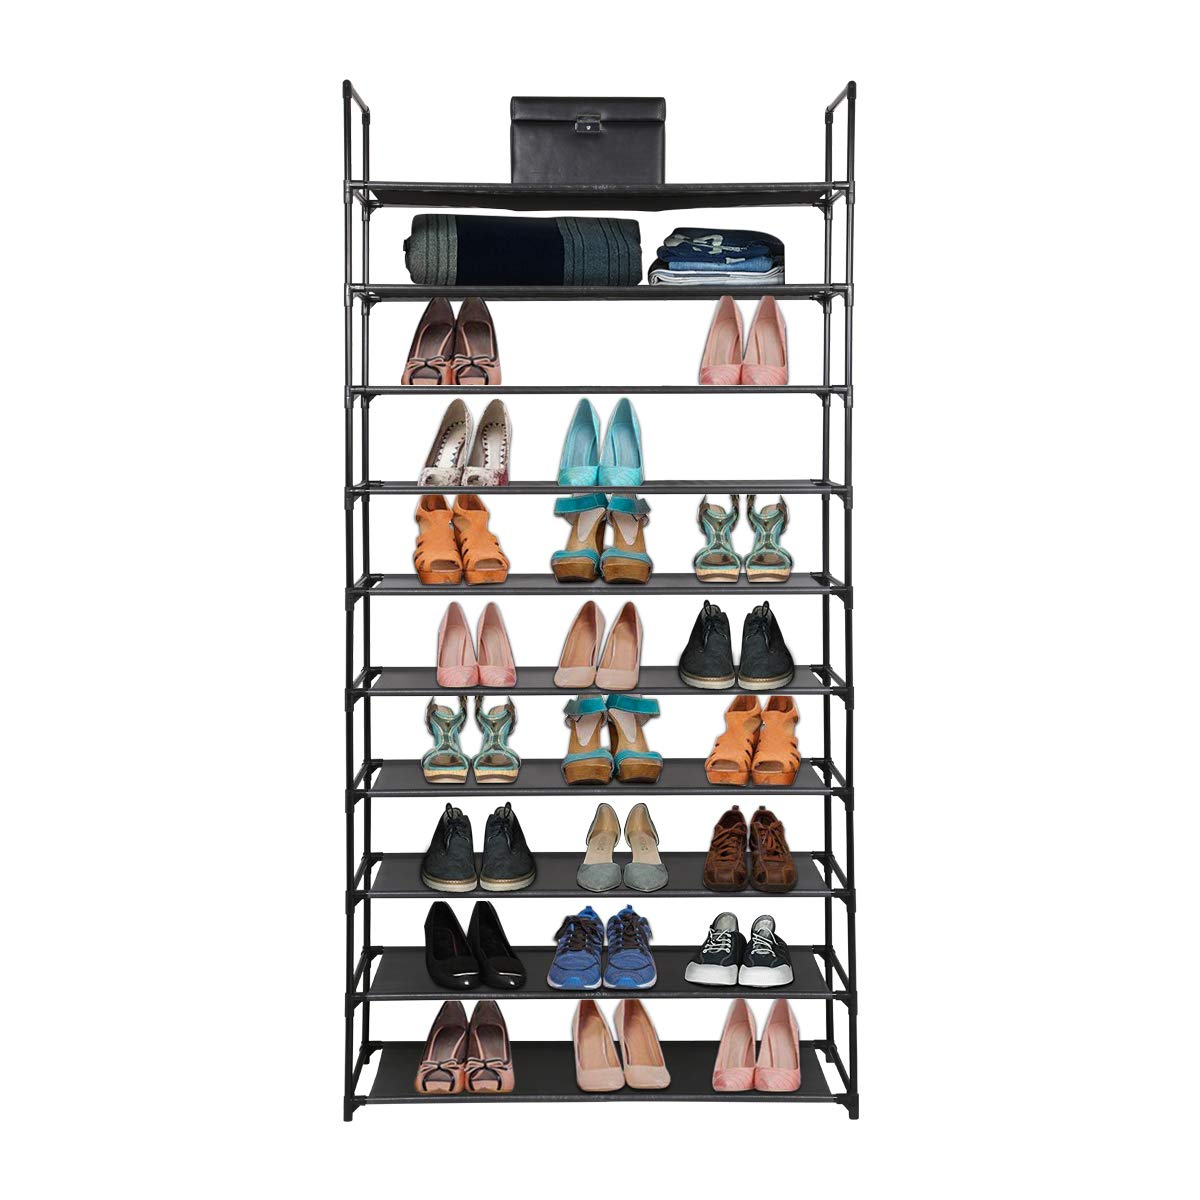 88 x 28 x 160 cm Negro Organizador de Tela de Zapatos Zapatero con 9 estantes Cajas de Almacenamiento